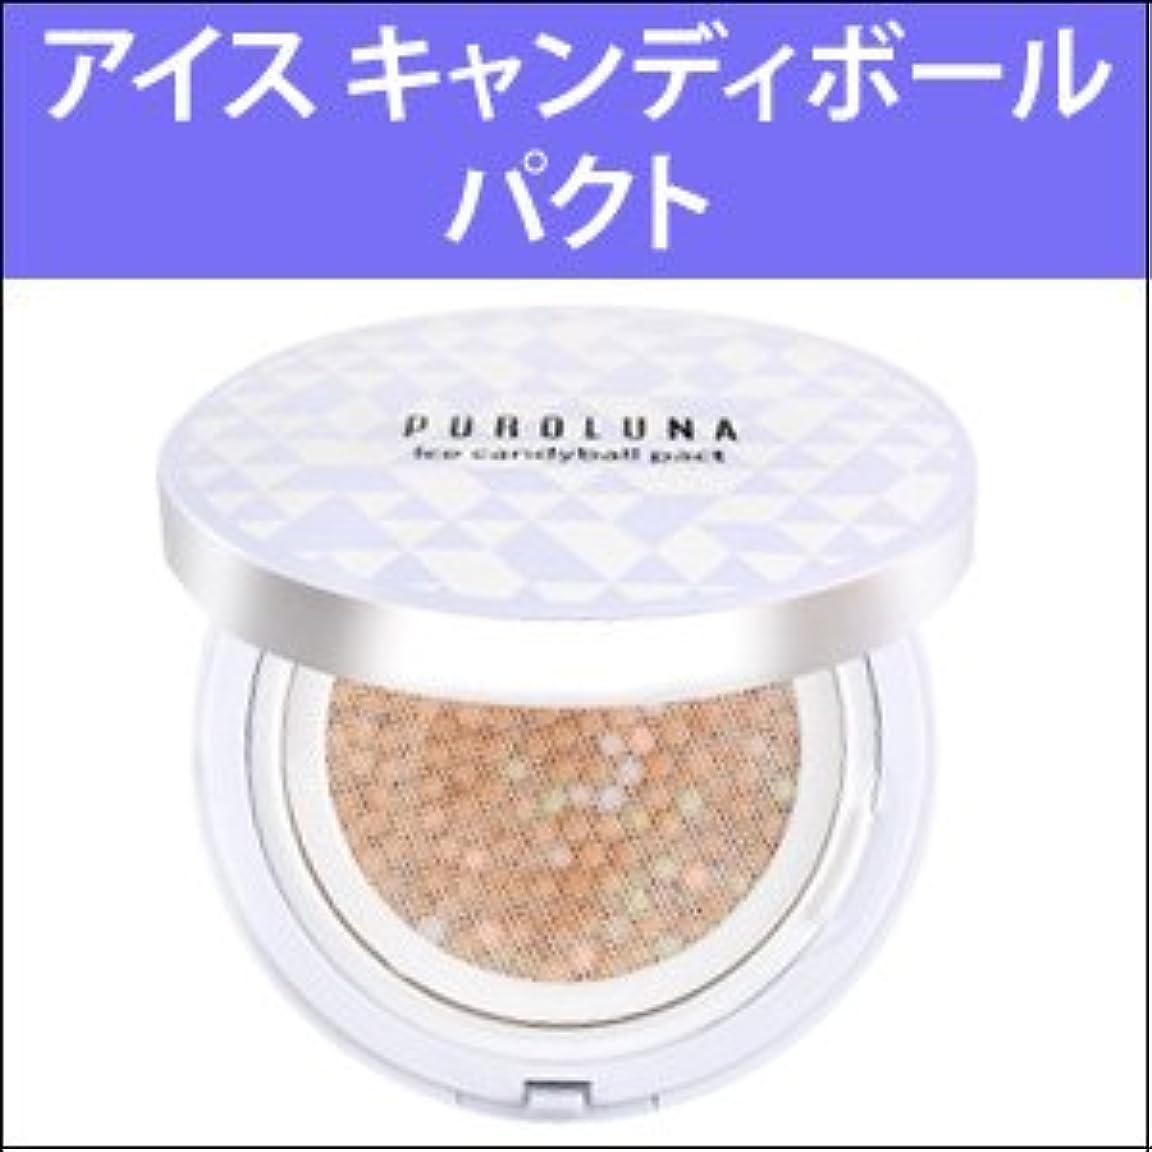 雨のバス必須『PUROLUNA?プロルナ』 アイス キャンディボール パクト(SPF50+/PA+++) カラー:2号 ベージュ